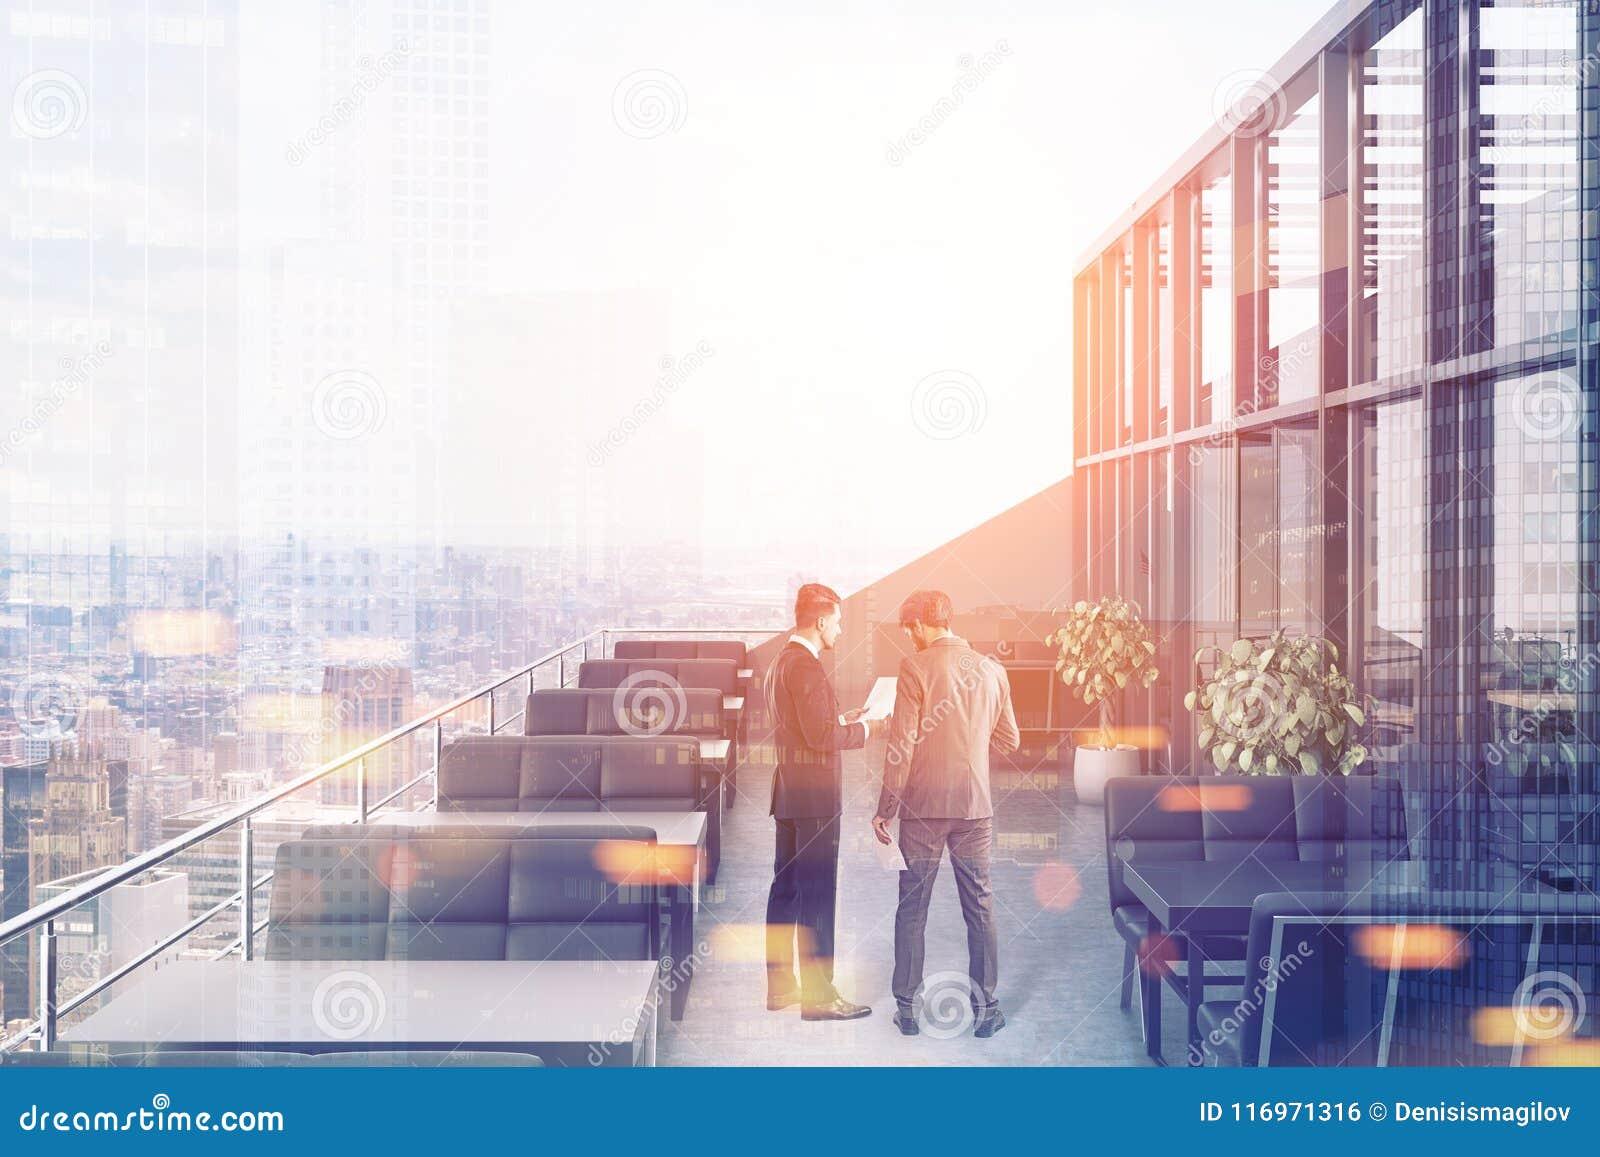 Restaurant op het dak, zwarte banken, stadsmensen